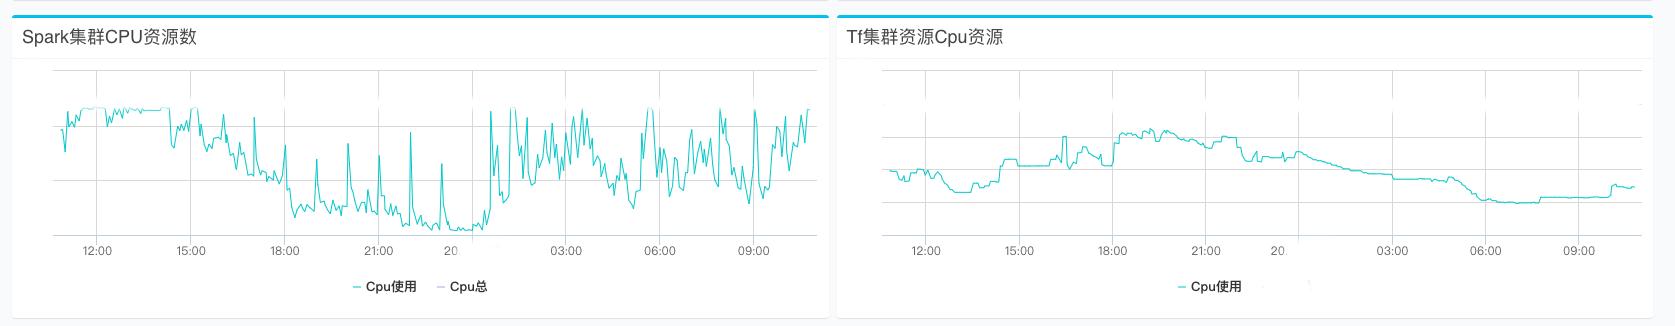 离线业务 CPU 日均分布